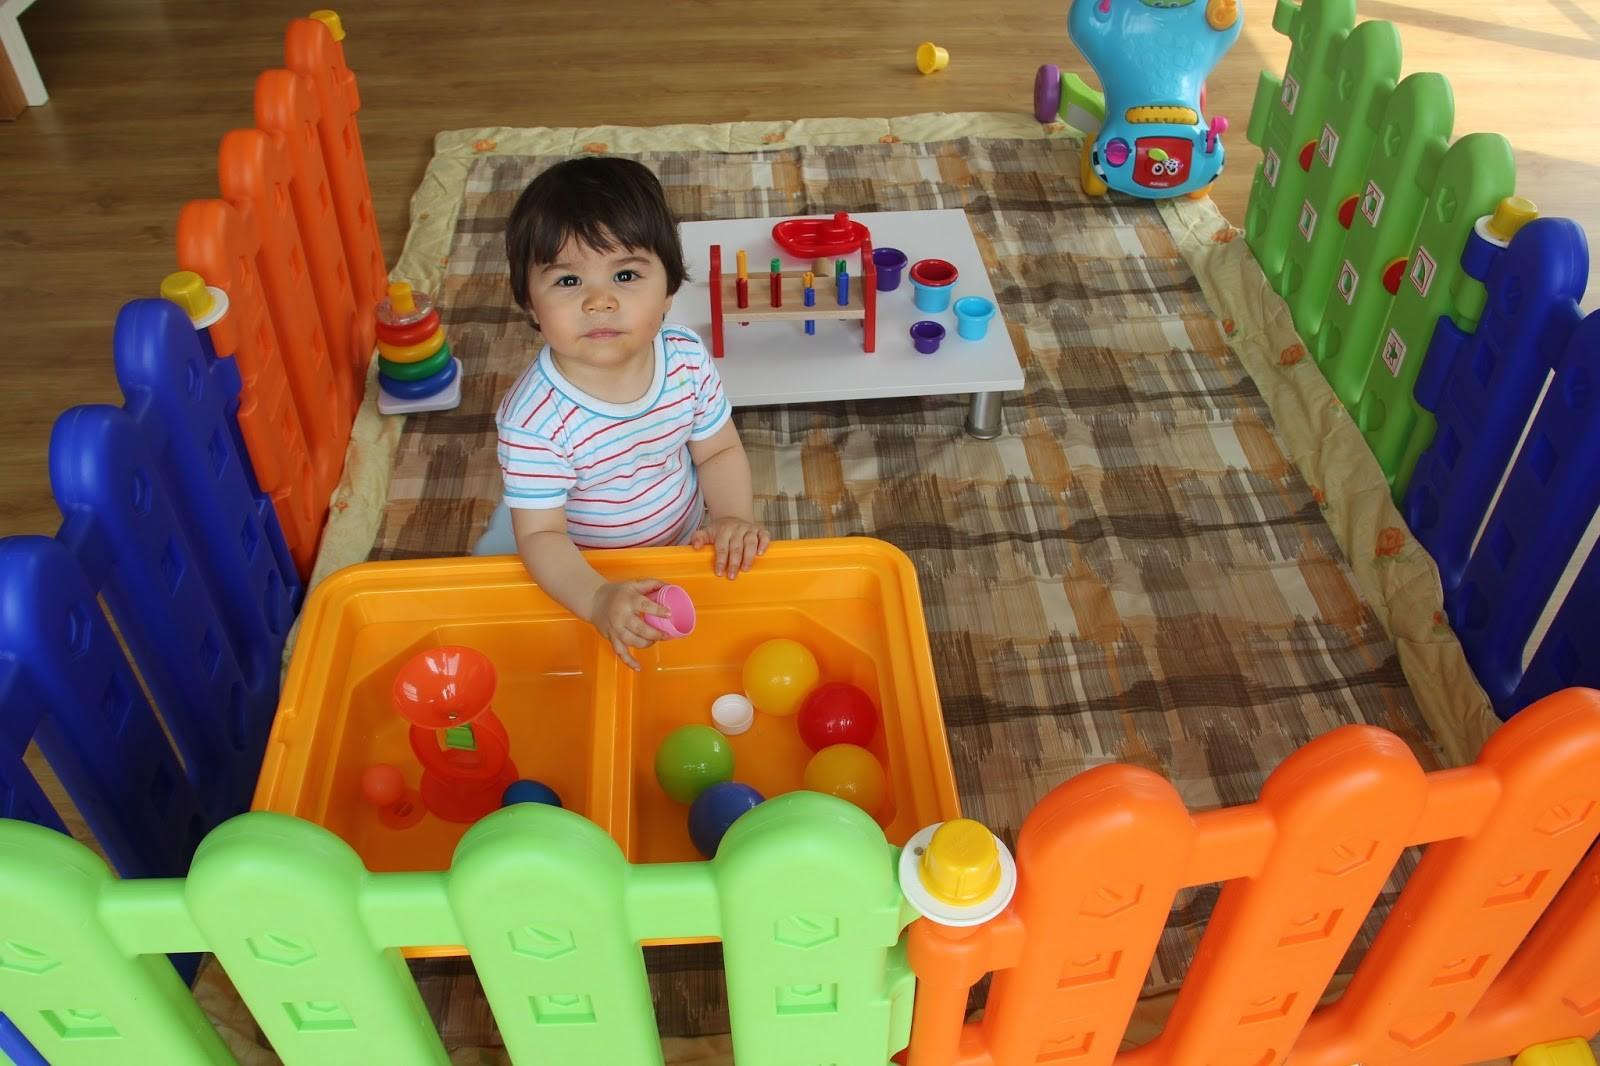 Çocuğunuzun Oyun Alanında Güvenlik